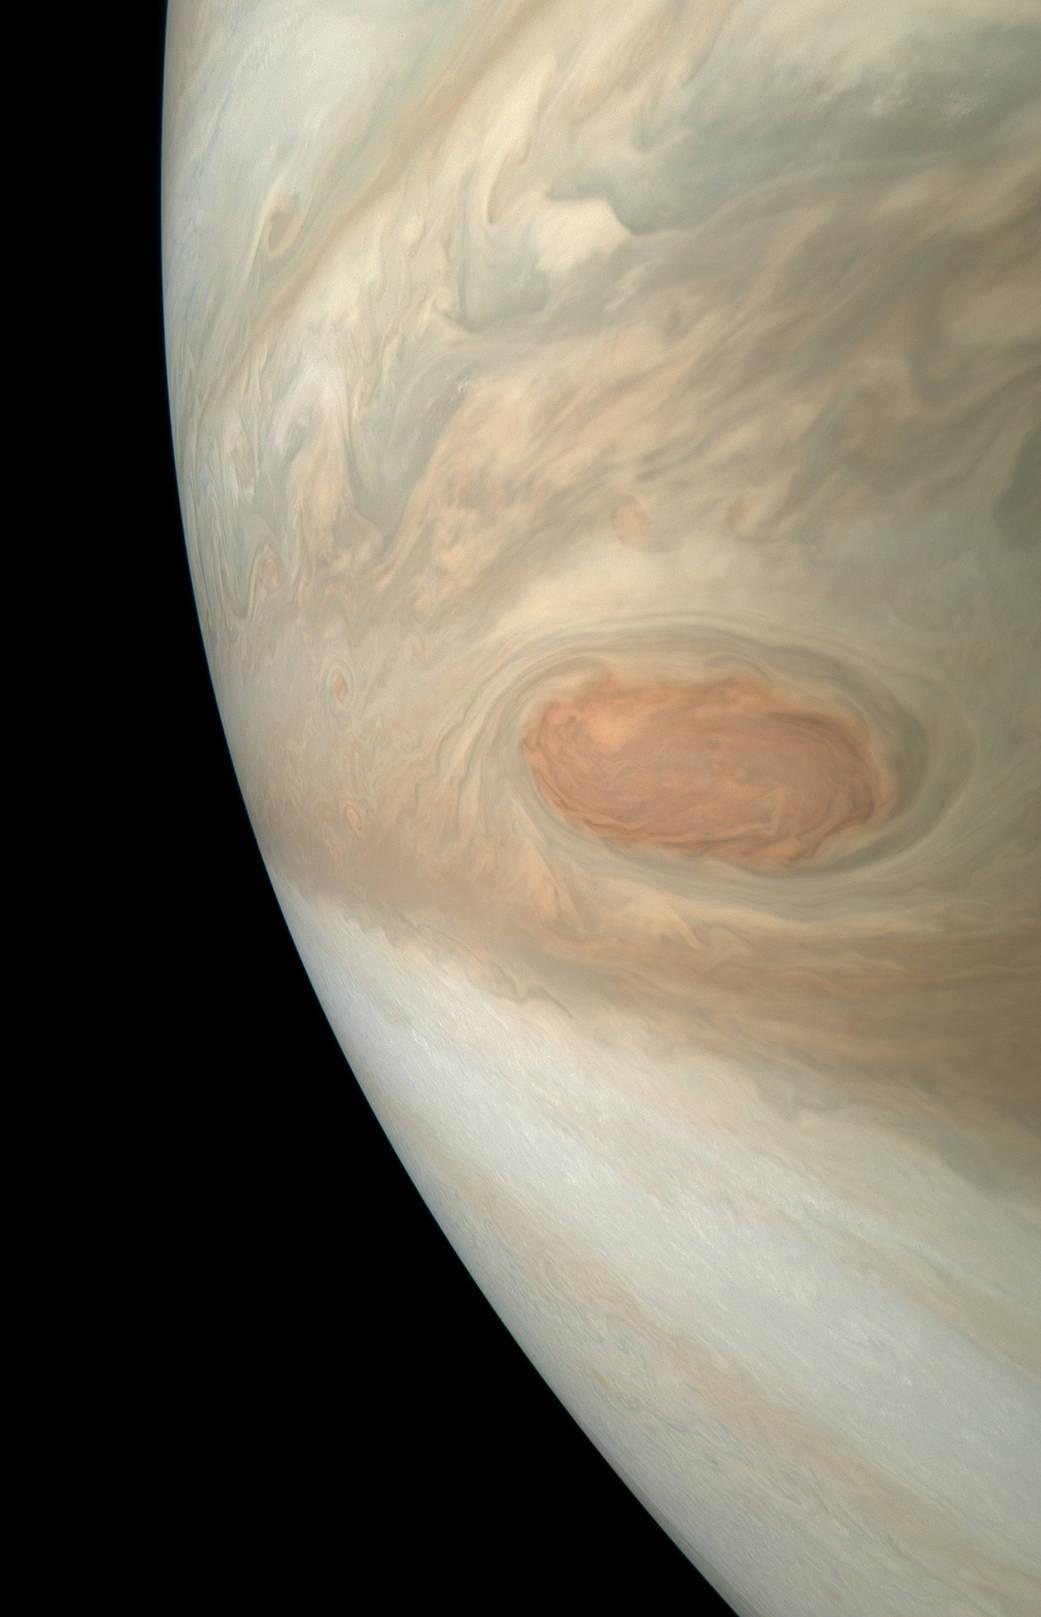 Станция Юнона засняла ураган на Юпитере: фото